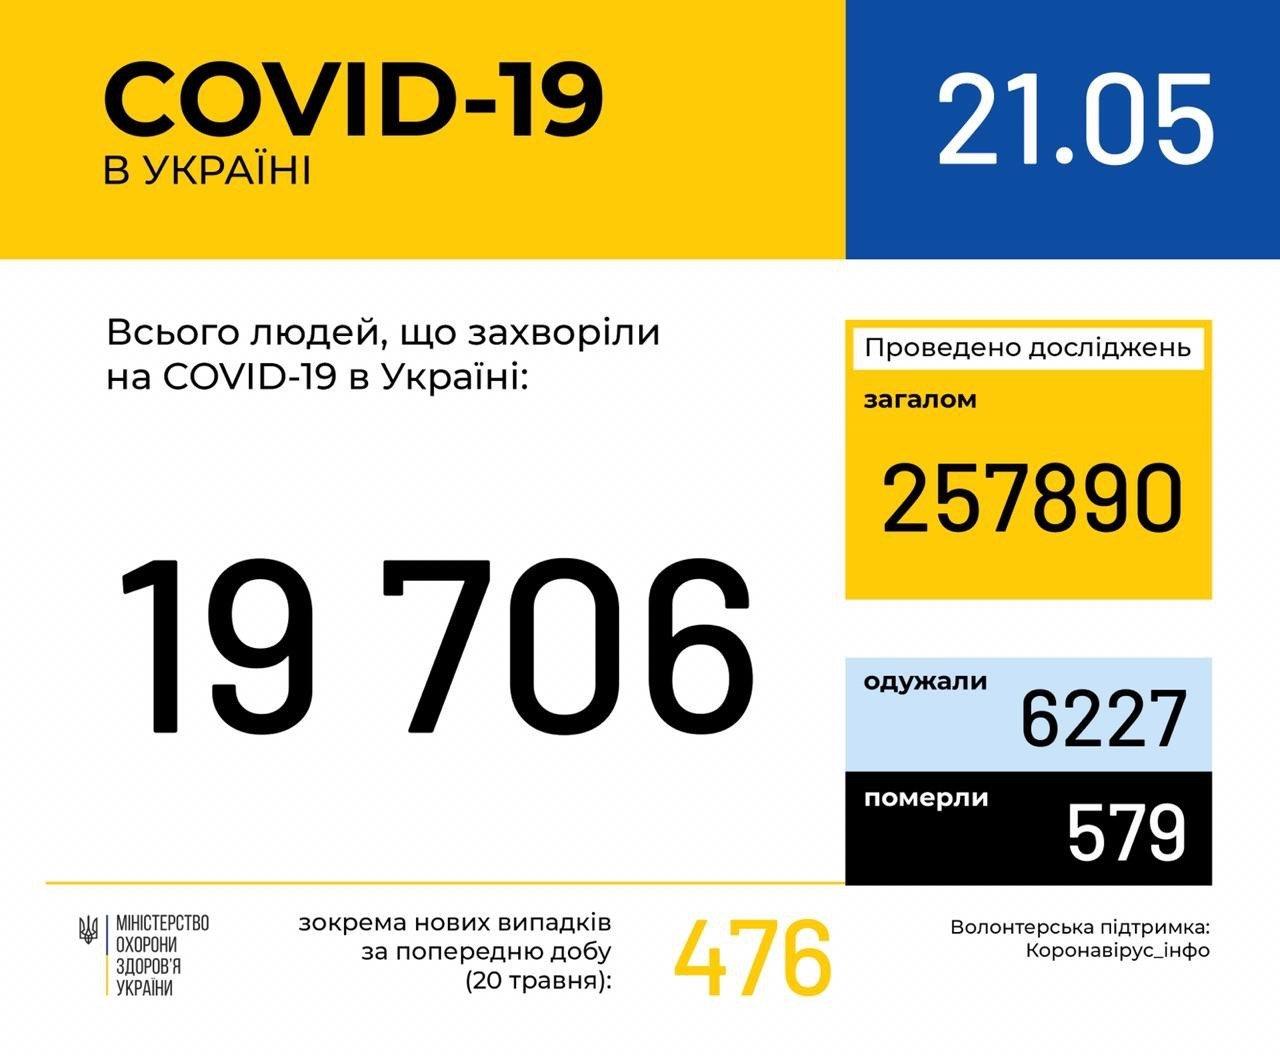 Инфицированы почти 20 тысяч: в Украине резко возросла заболеваемость COVID-19